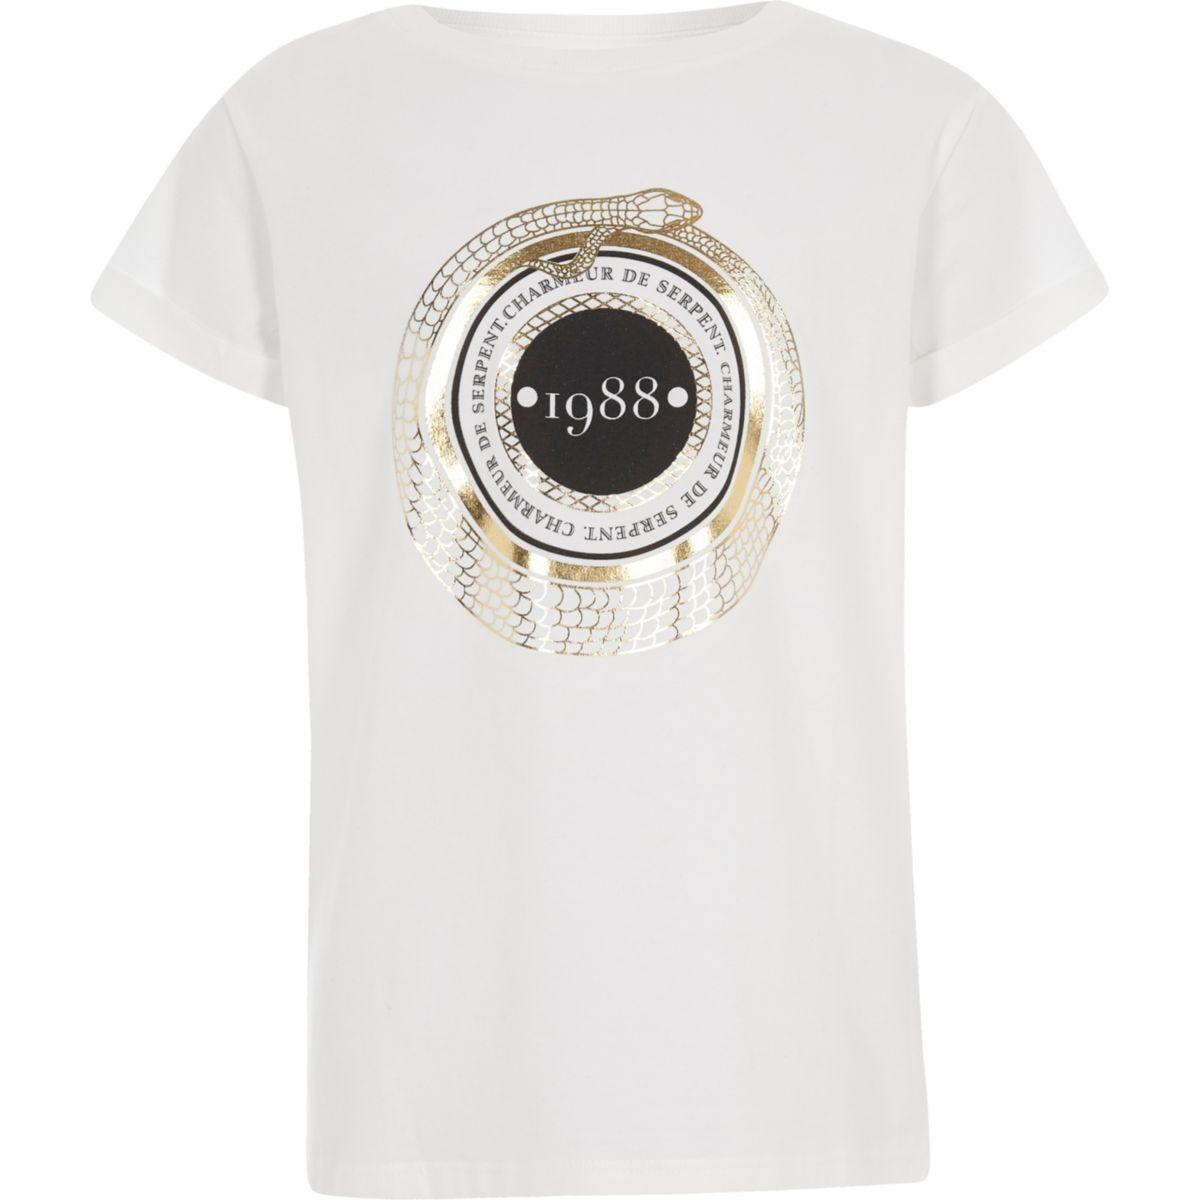 Girls white '1988' short sleeve T-shirt